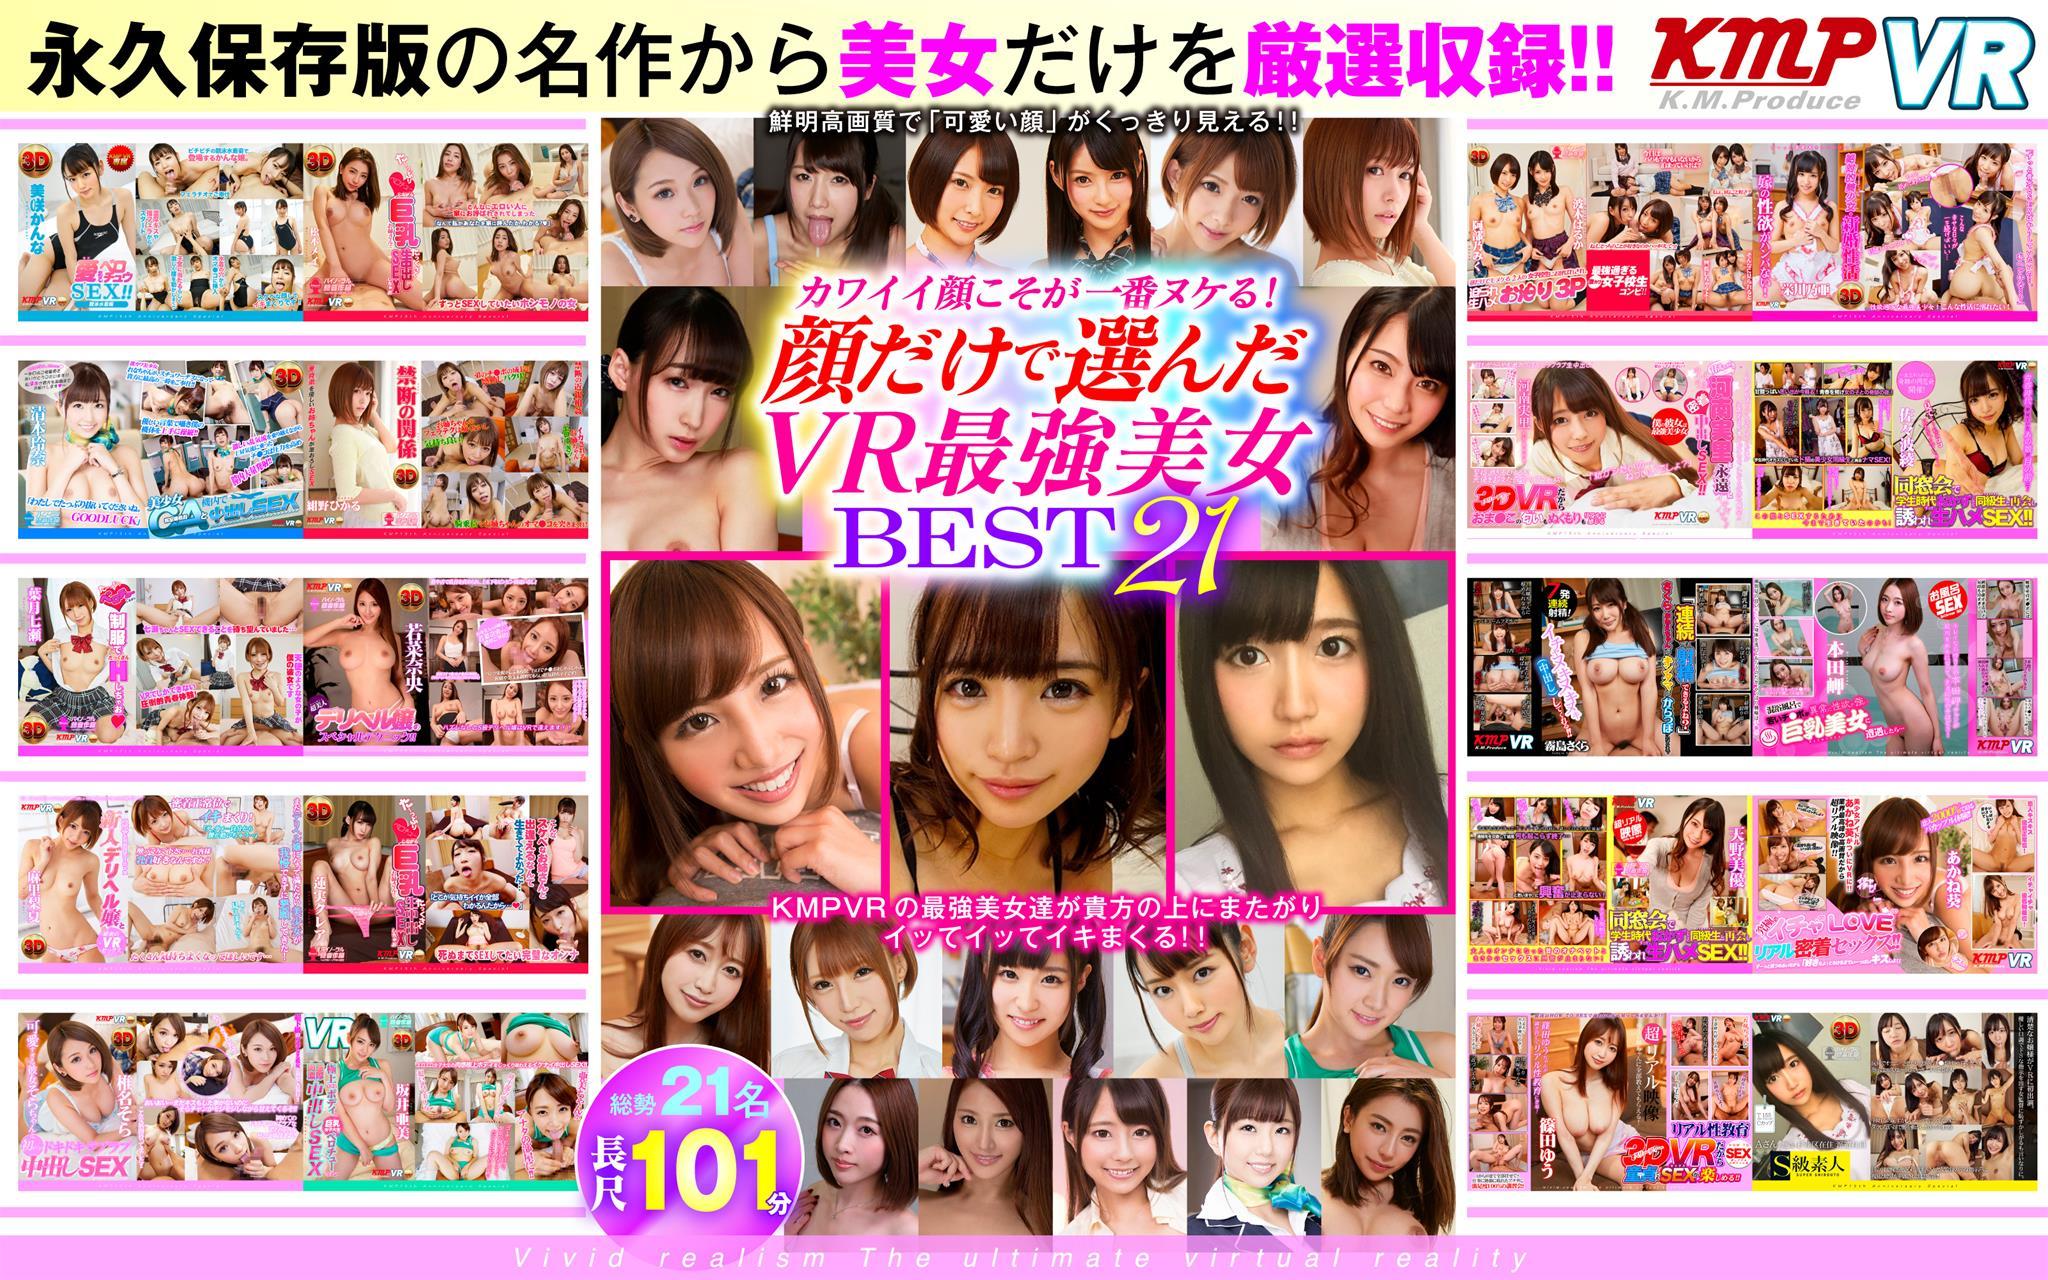 VR動画:【580円】カワイイ顔こそが一番ヌケる!顔だけで選んだVR最強美女BEST21!!